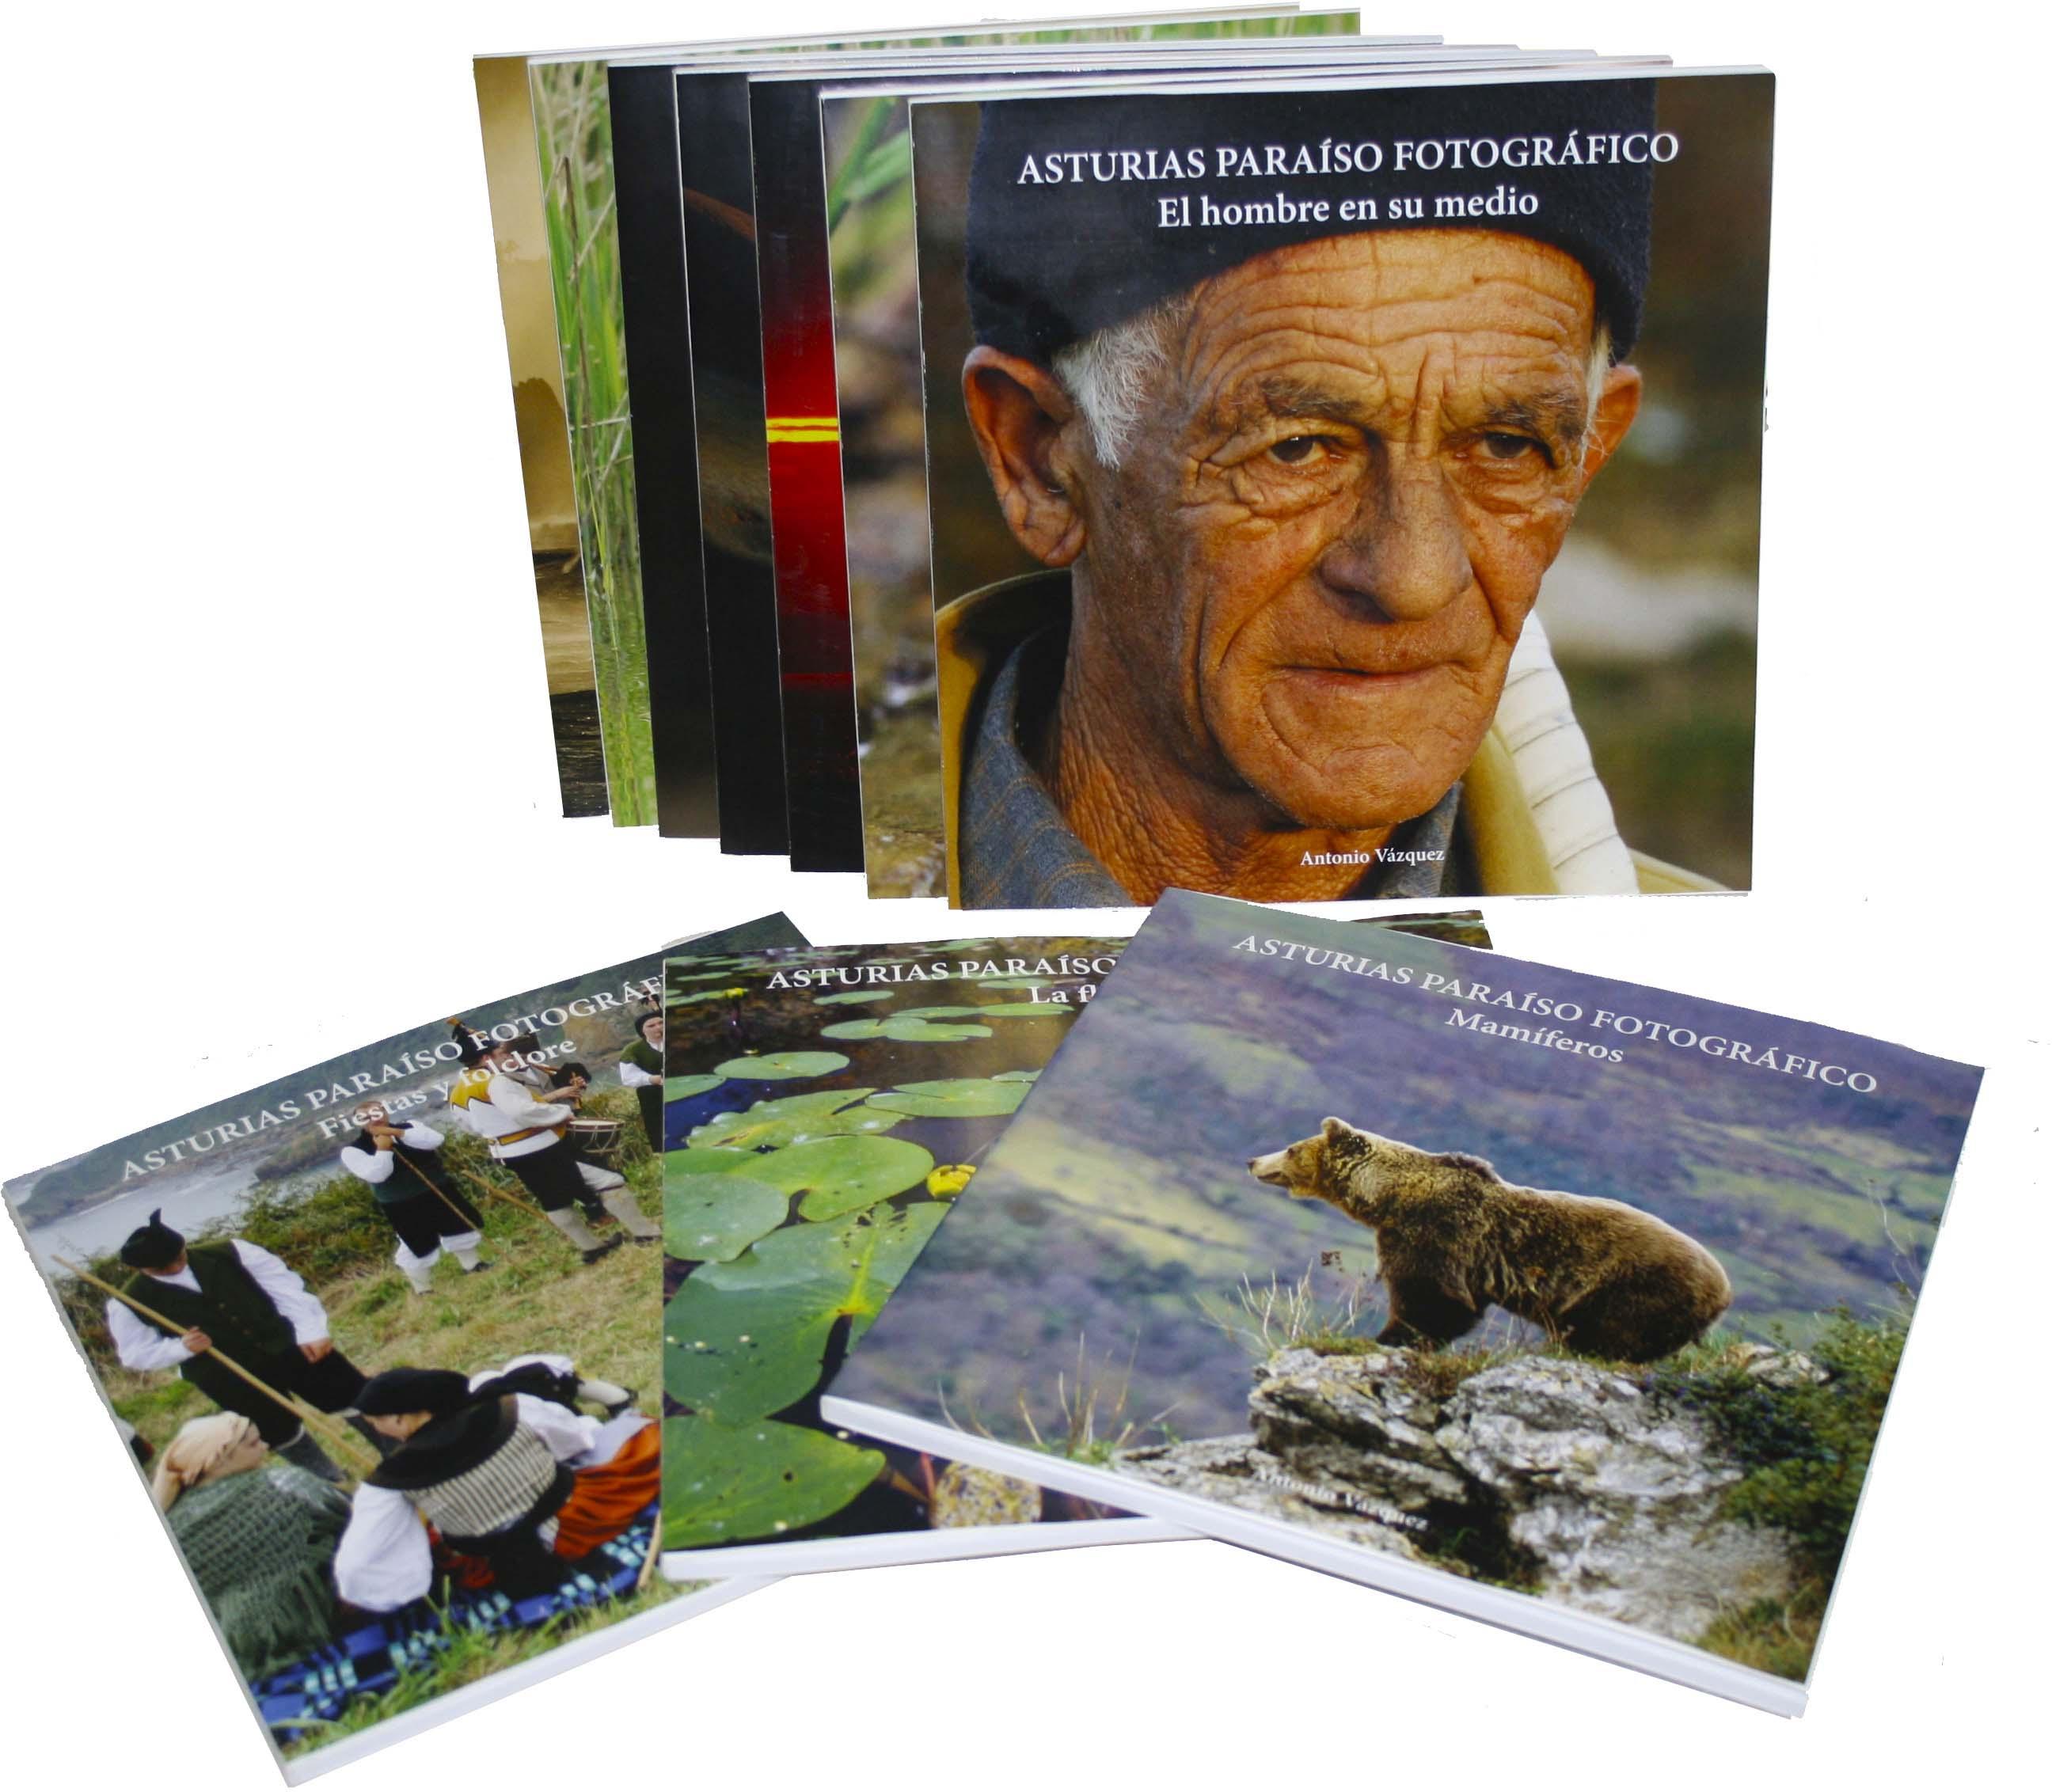 Asturias paraiso fotográfico